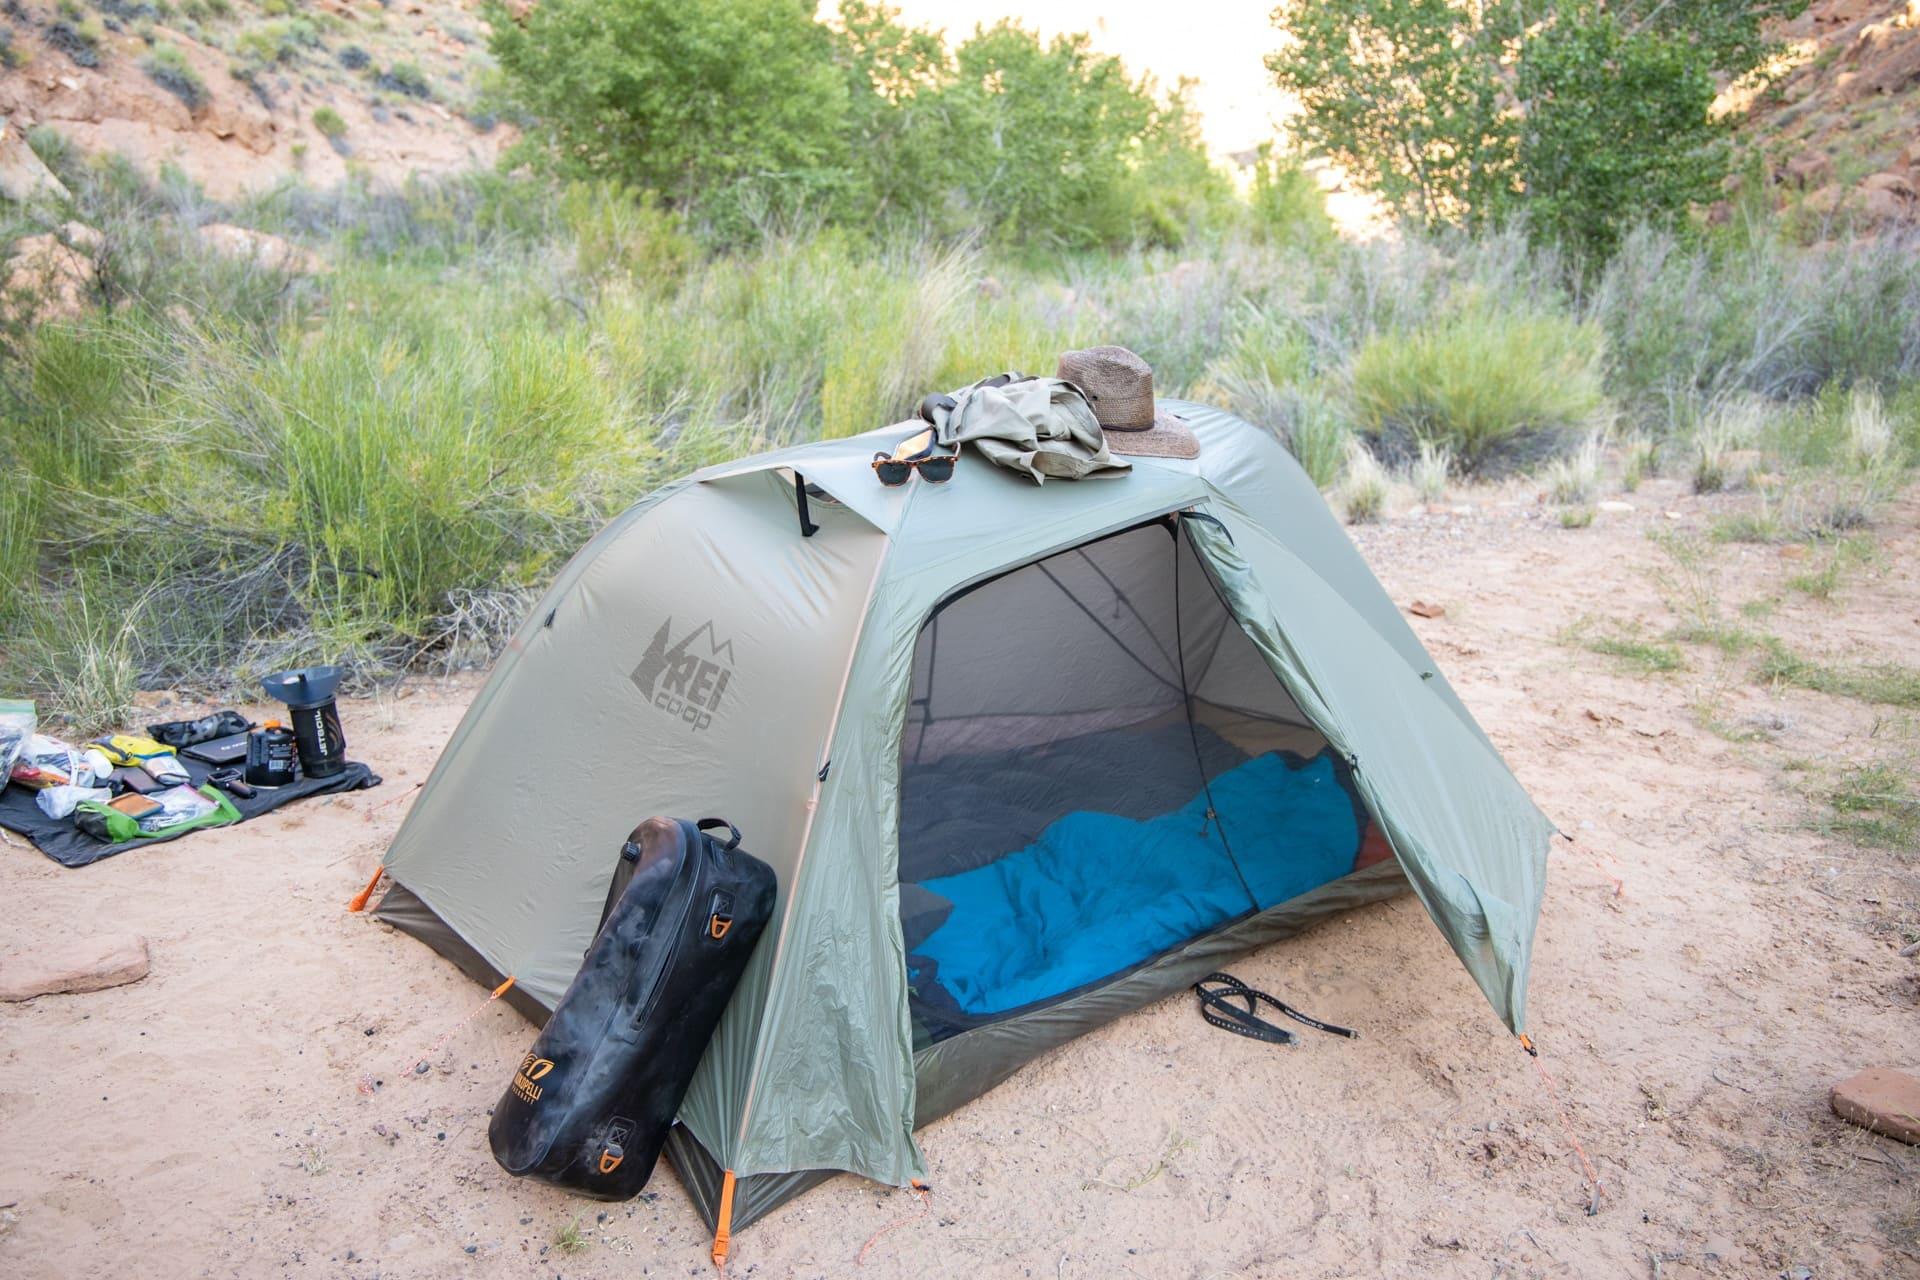 REI Quarter Dome SL 2 Tent Review